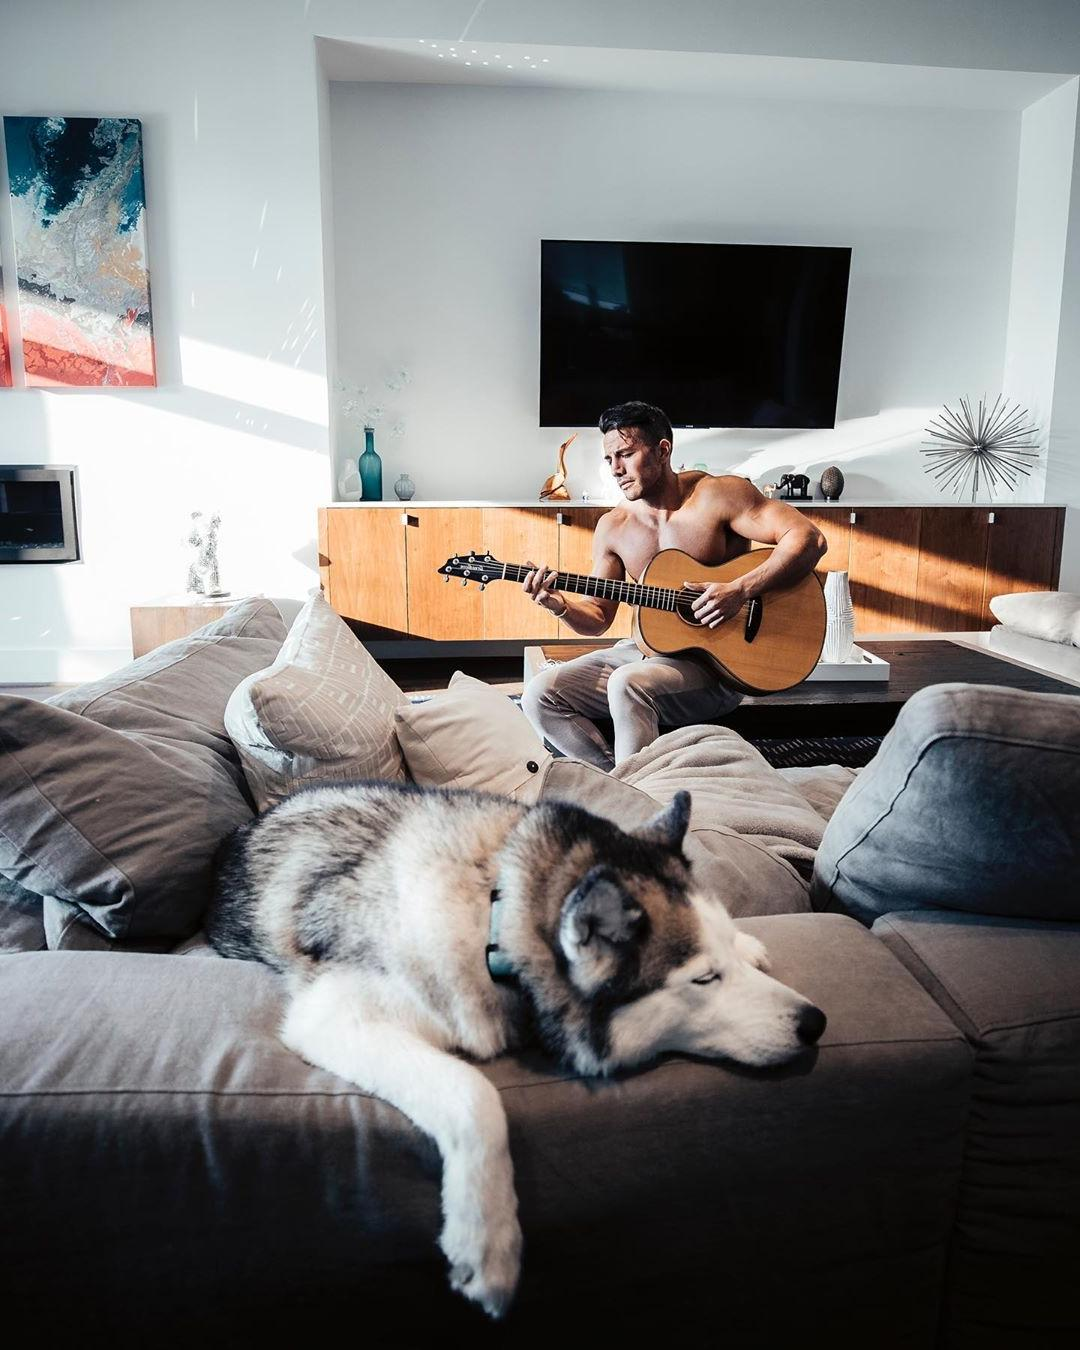 hot-shirtless-fit-guy-playing-guitar-dog-listening-sleeping-sofa